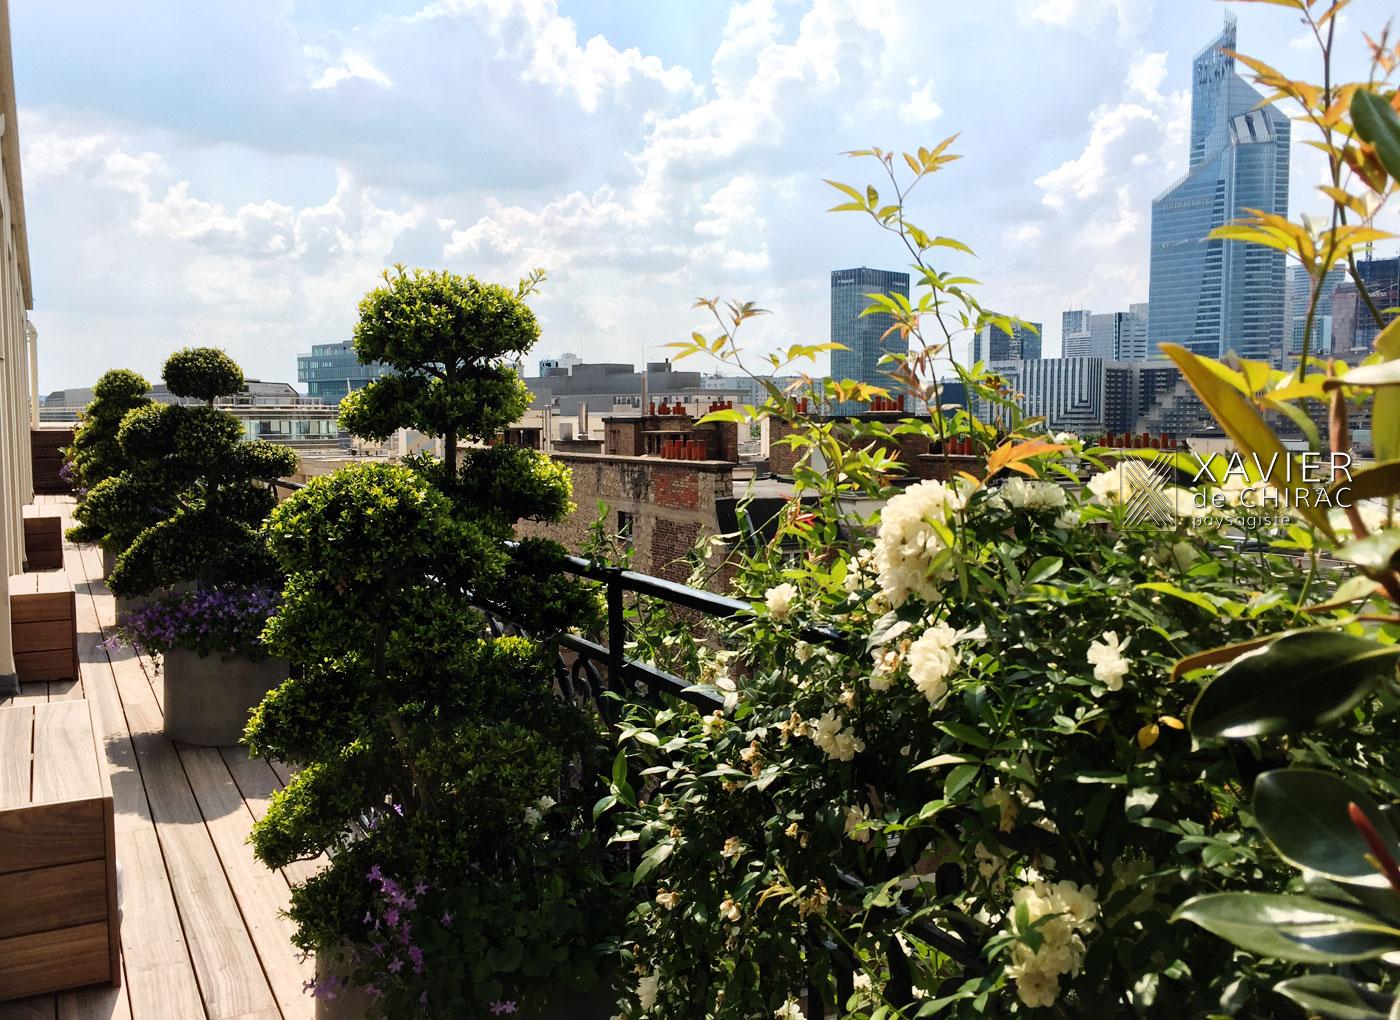 Xavier de Chirac paysagiste : terrasse avec des rosiers lianes, des campanules fleurs poétiques dialogue avec les topiaires nuages